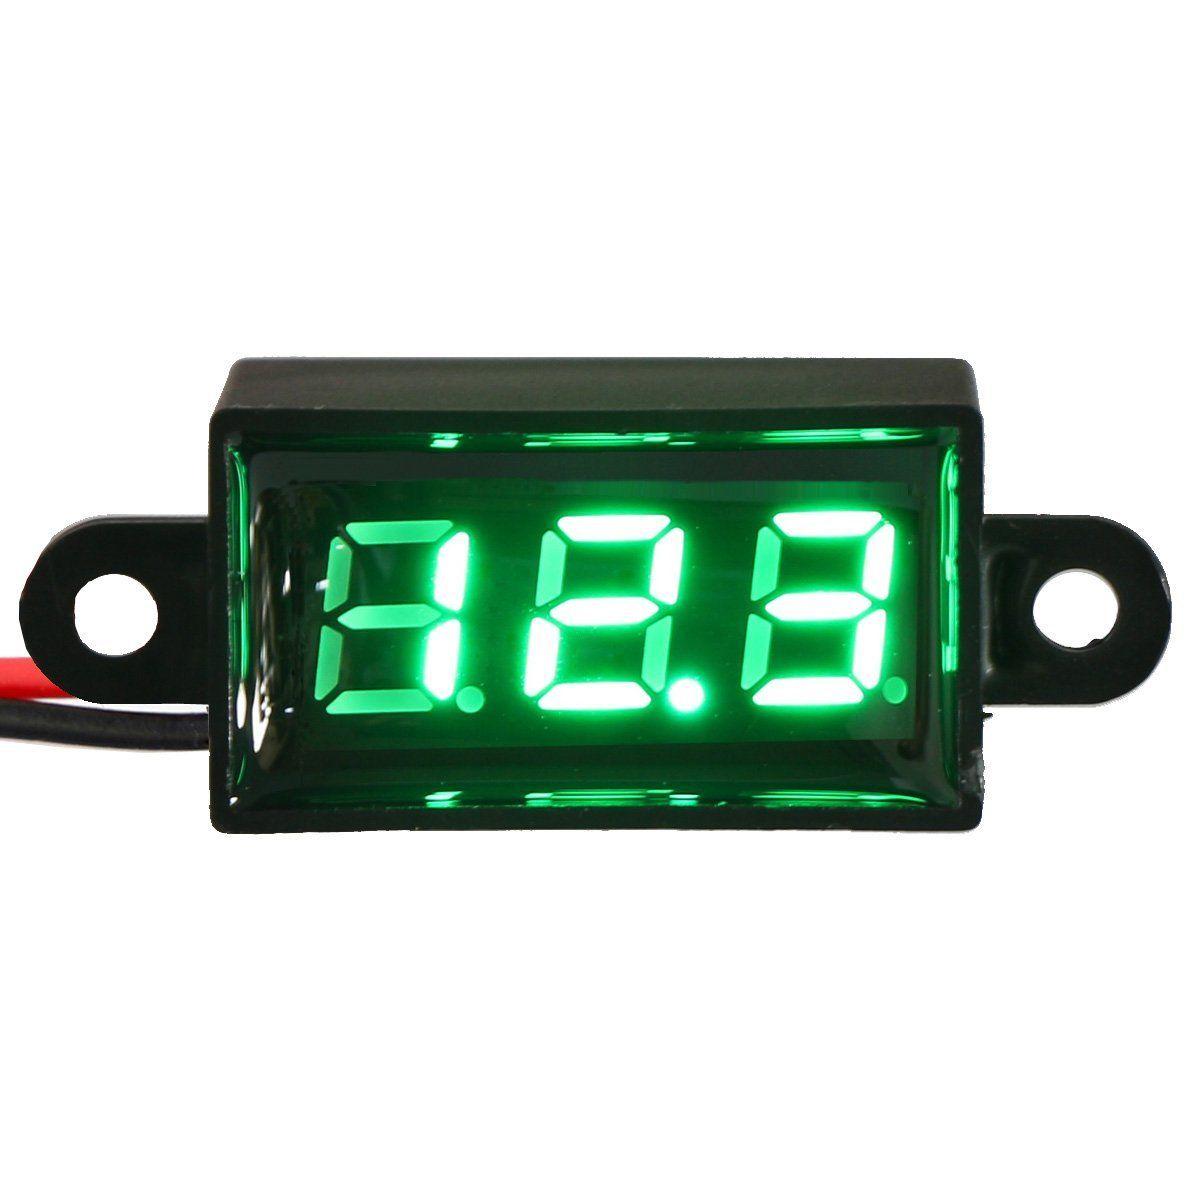 Micro Voltmeter Green Digital 0.28 Volt Monitor Waterproof Dustproof Shockproof Battery Power Tester for Car Motorcycle Vehicle